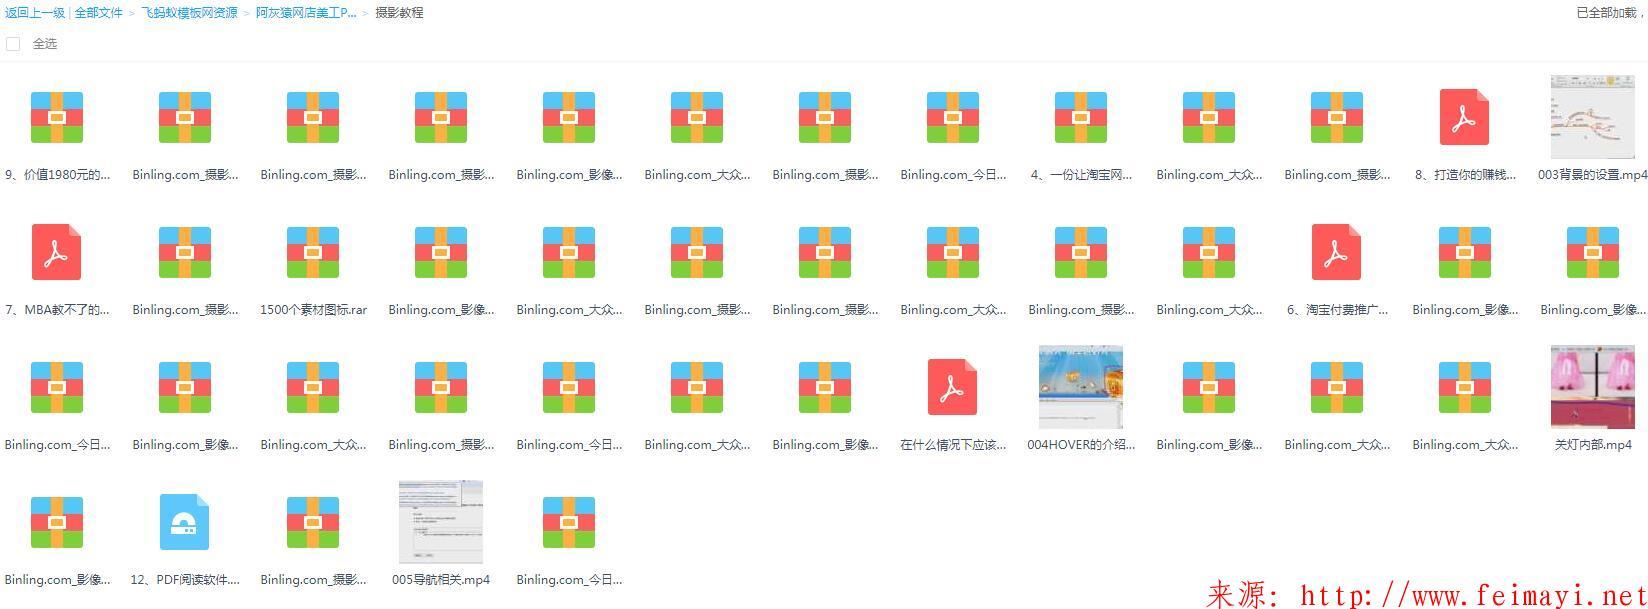 [Photoshop] 阿灰猿网店美工PS视频教程全套培训扣图调色切片代码